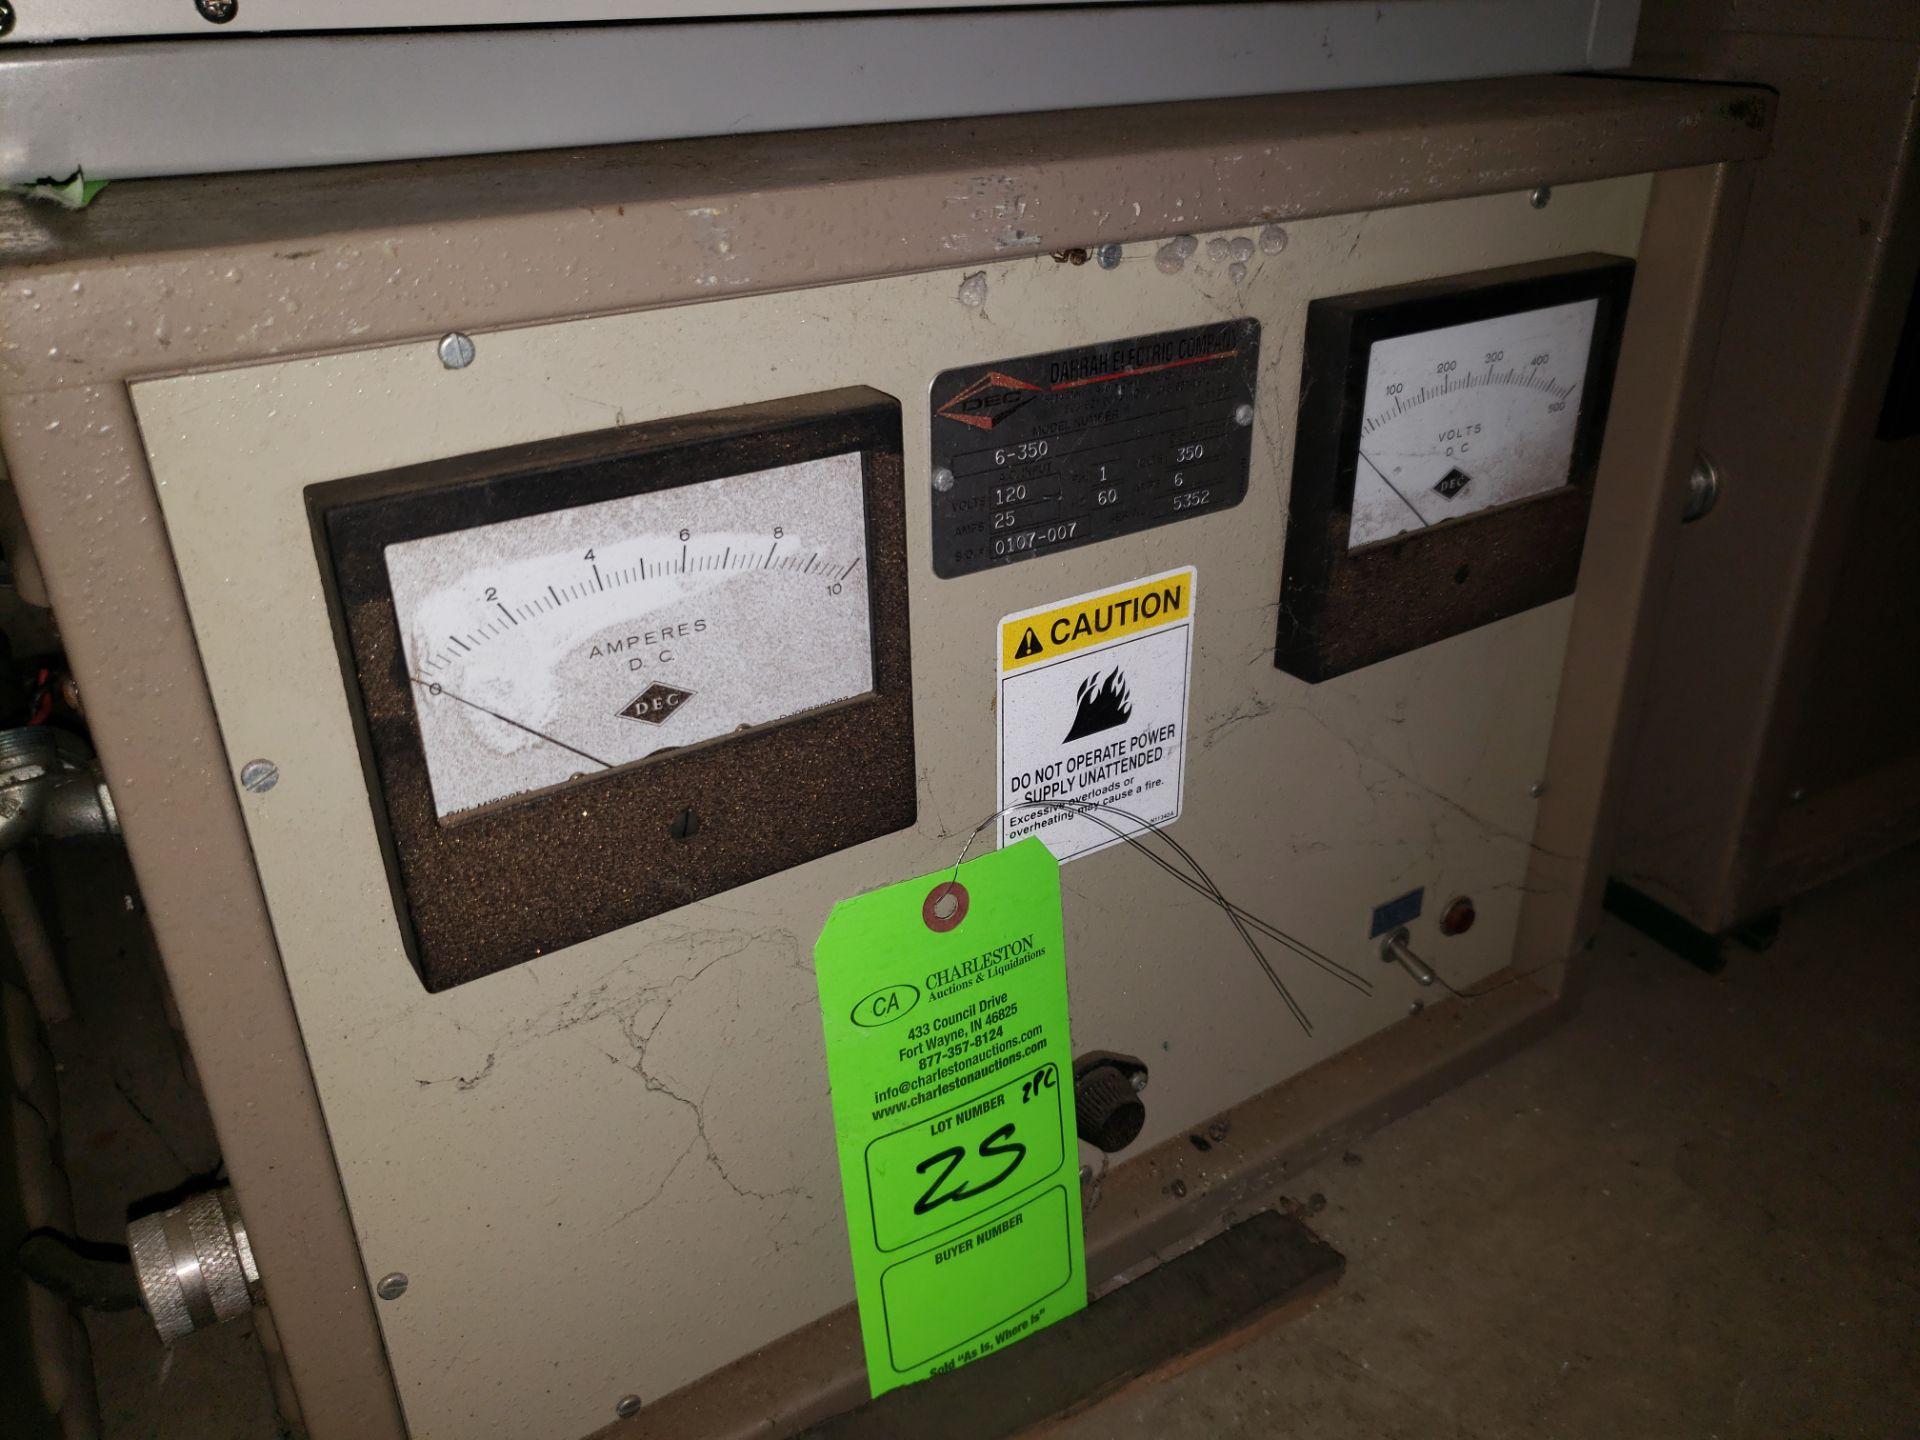 Lot 25 - (2) DEC POWER SUPPLY MODEL-6-1350-12-1-60